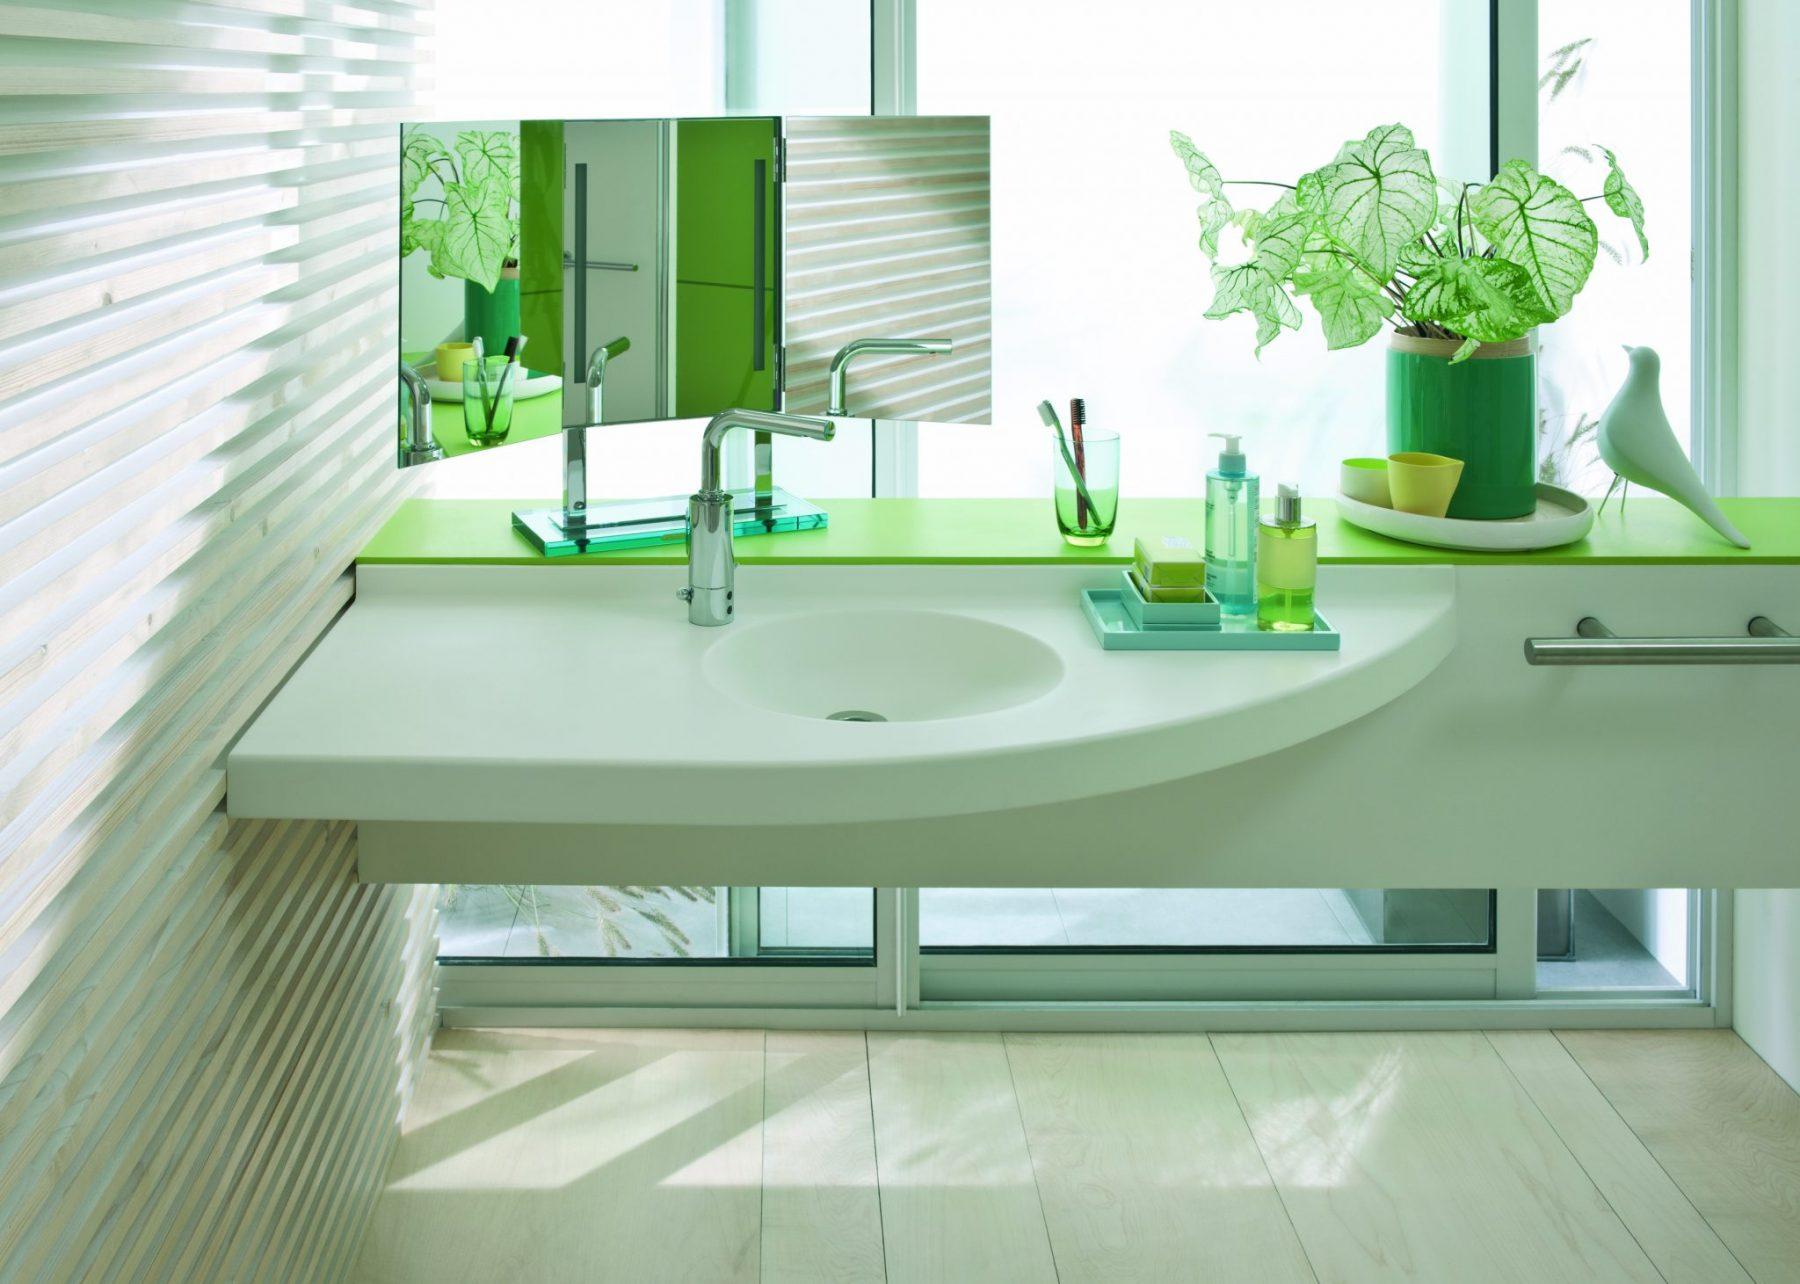 Decoration Salle De Bain Style Hammam ~ Plan De Toilette Accessible Pour Salle De Bains Varicor Florac Allia